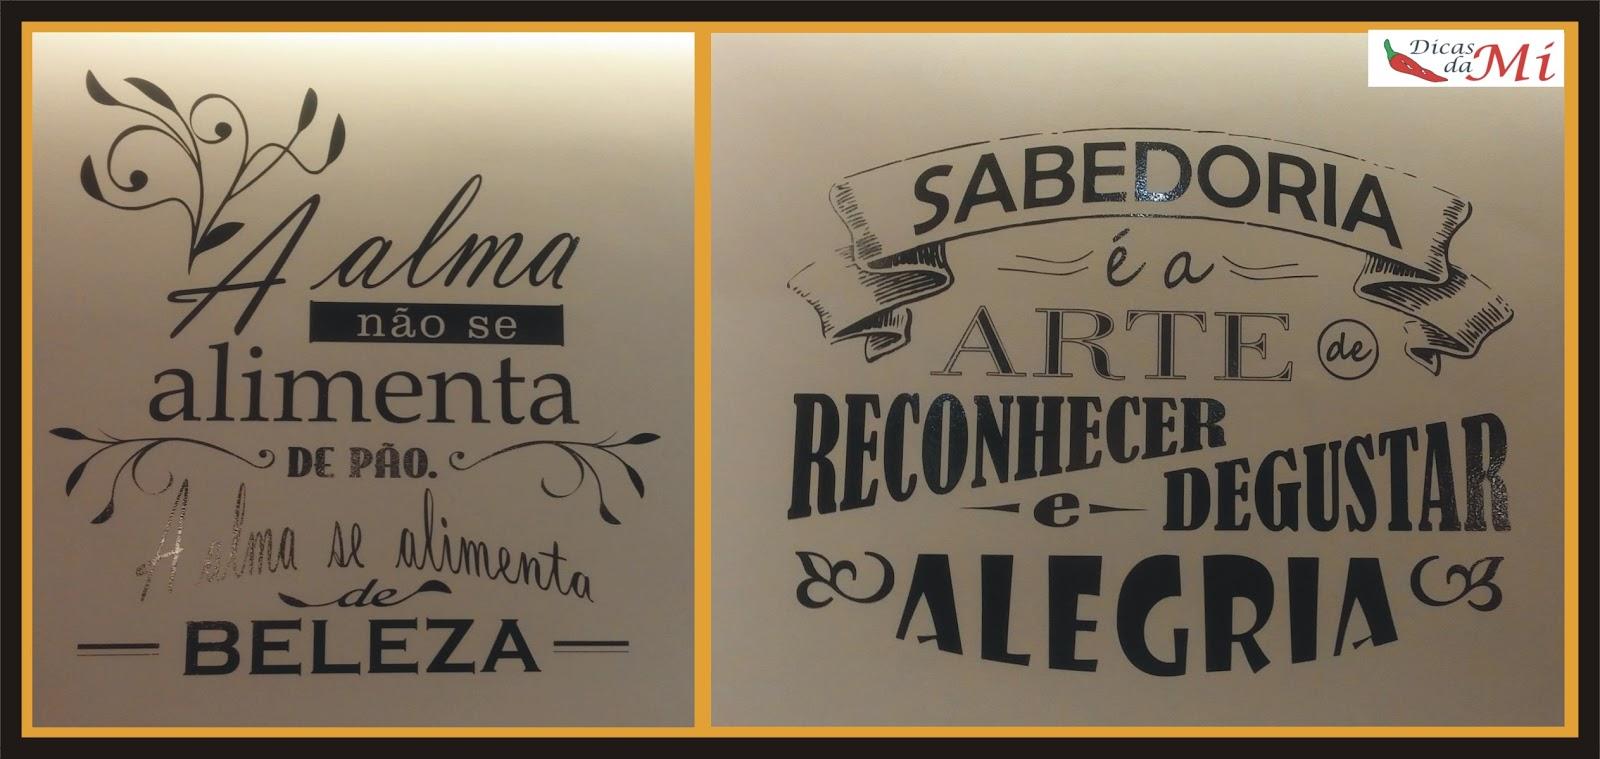 El Armario Que Plancha ~ Dicas da Mi Bares, Botecos, Restaurantes& Afins Café Bistr u00f4 Rubem Alves Campinas (FECHOU)